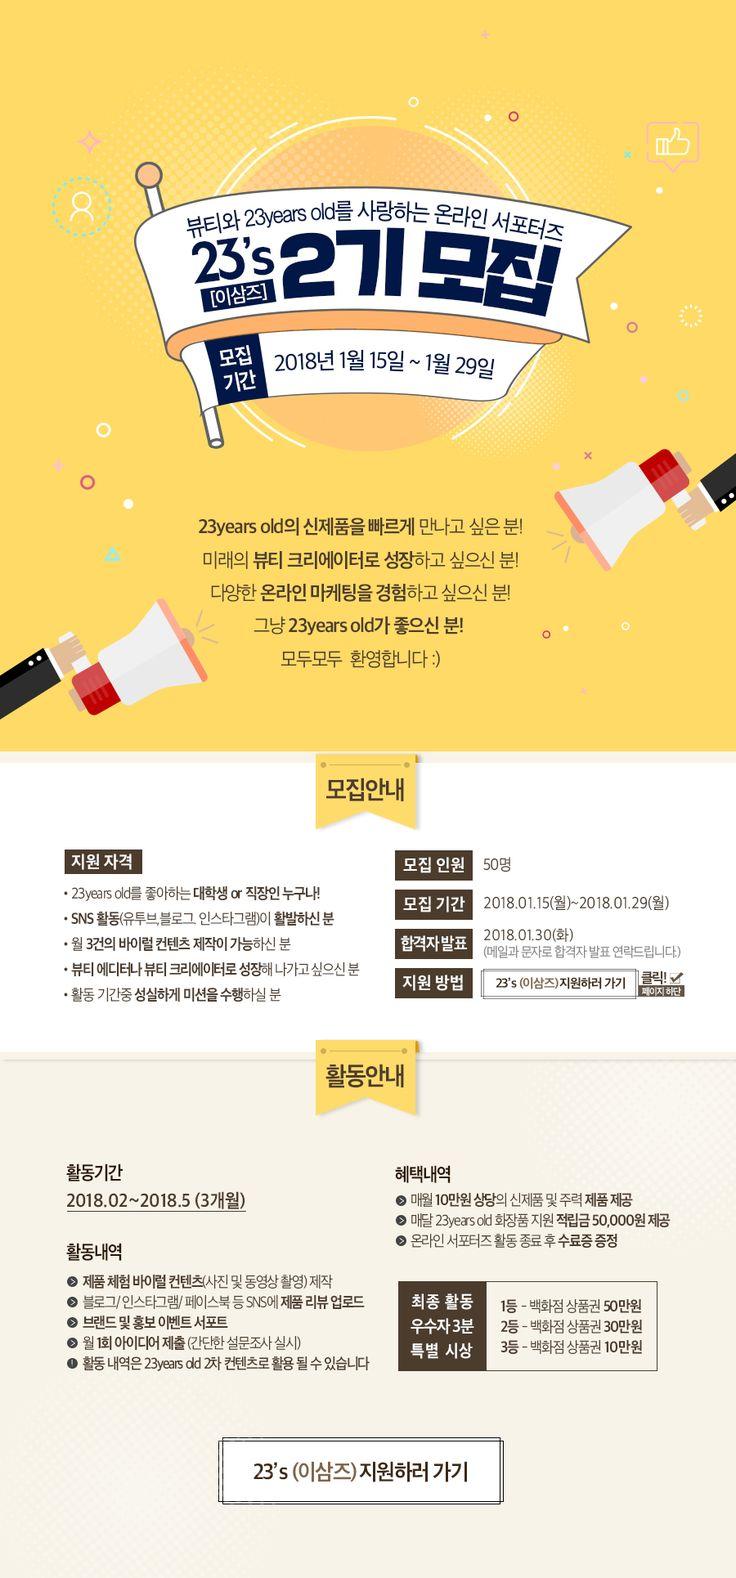 진행중인 이벤트-23YO공식 온라인 서포터즈 23's 2기 모집♥